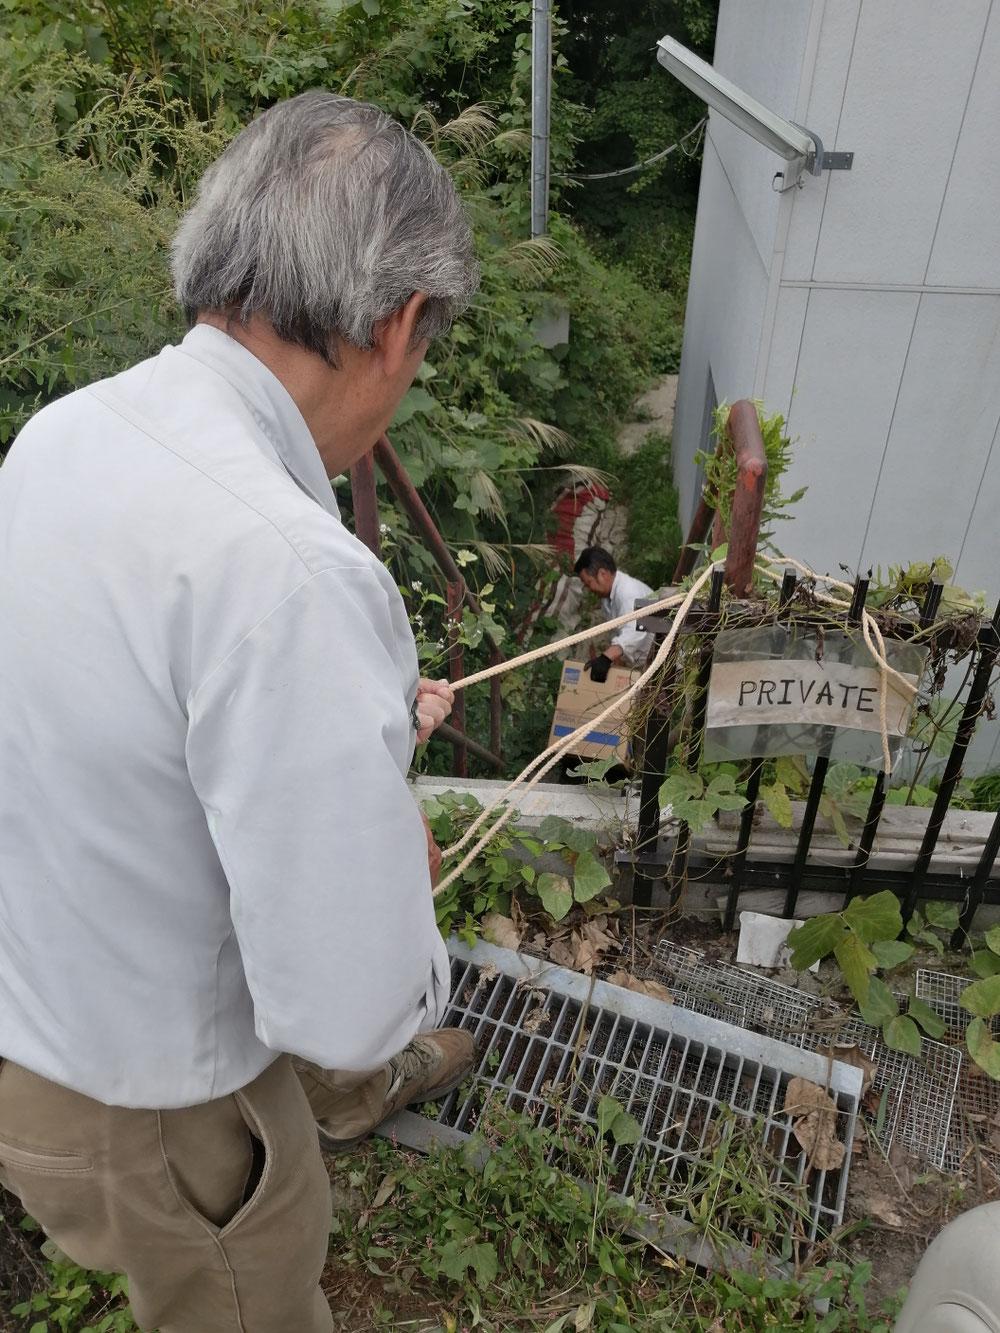 重たいポンプを、ロープで下におろします。9/17木夕方に緊急で発注したのですが、4連休に間に合わせていただき助かりました